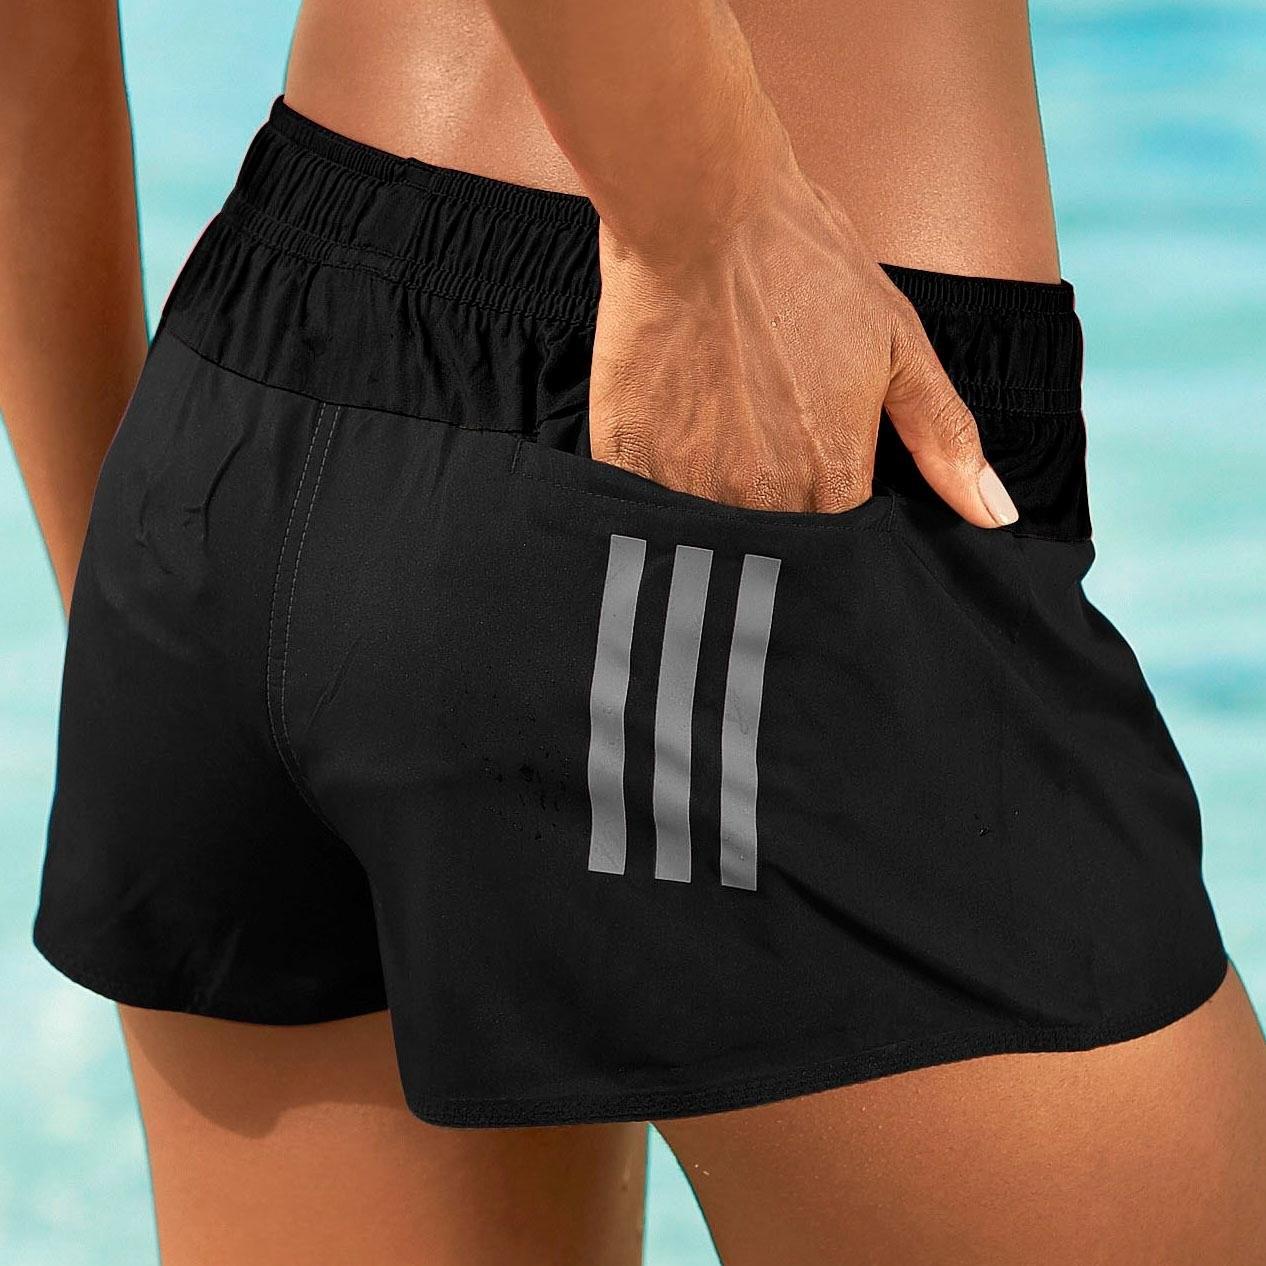 adidas Performance zwemshort nu online kopen bij Lascana